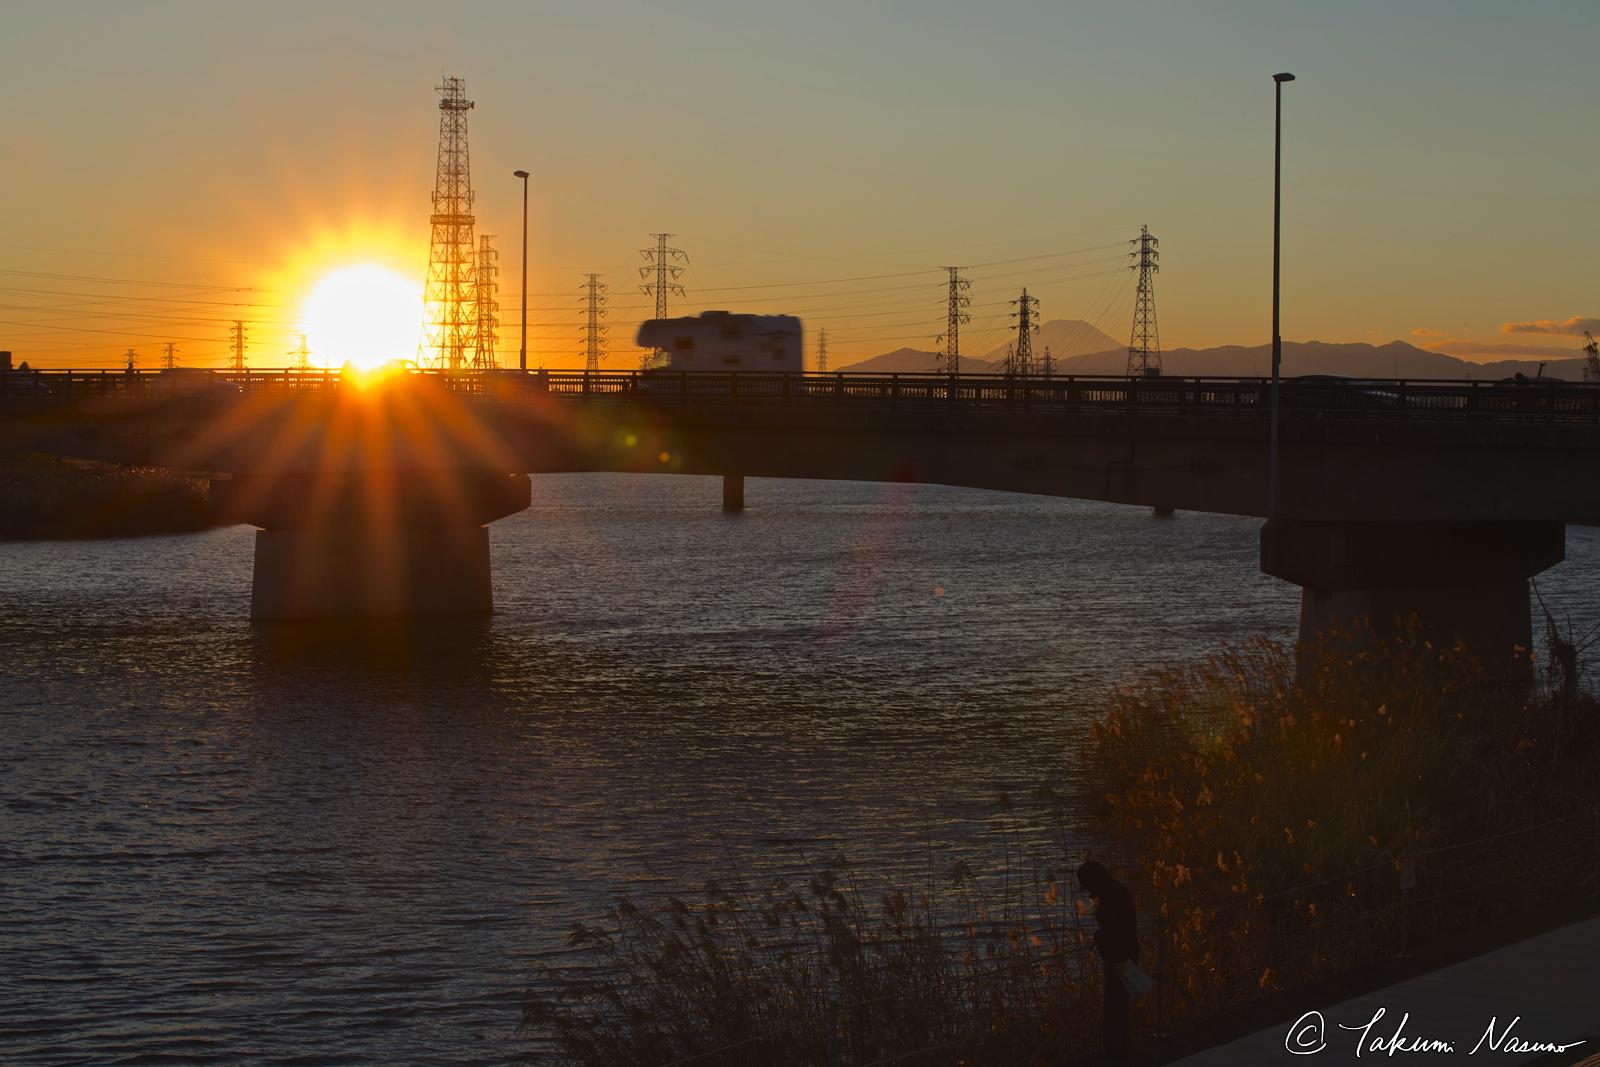 Tsurumi_Tsurumi-River_w14